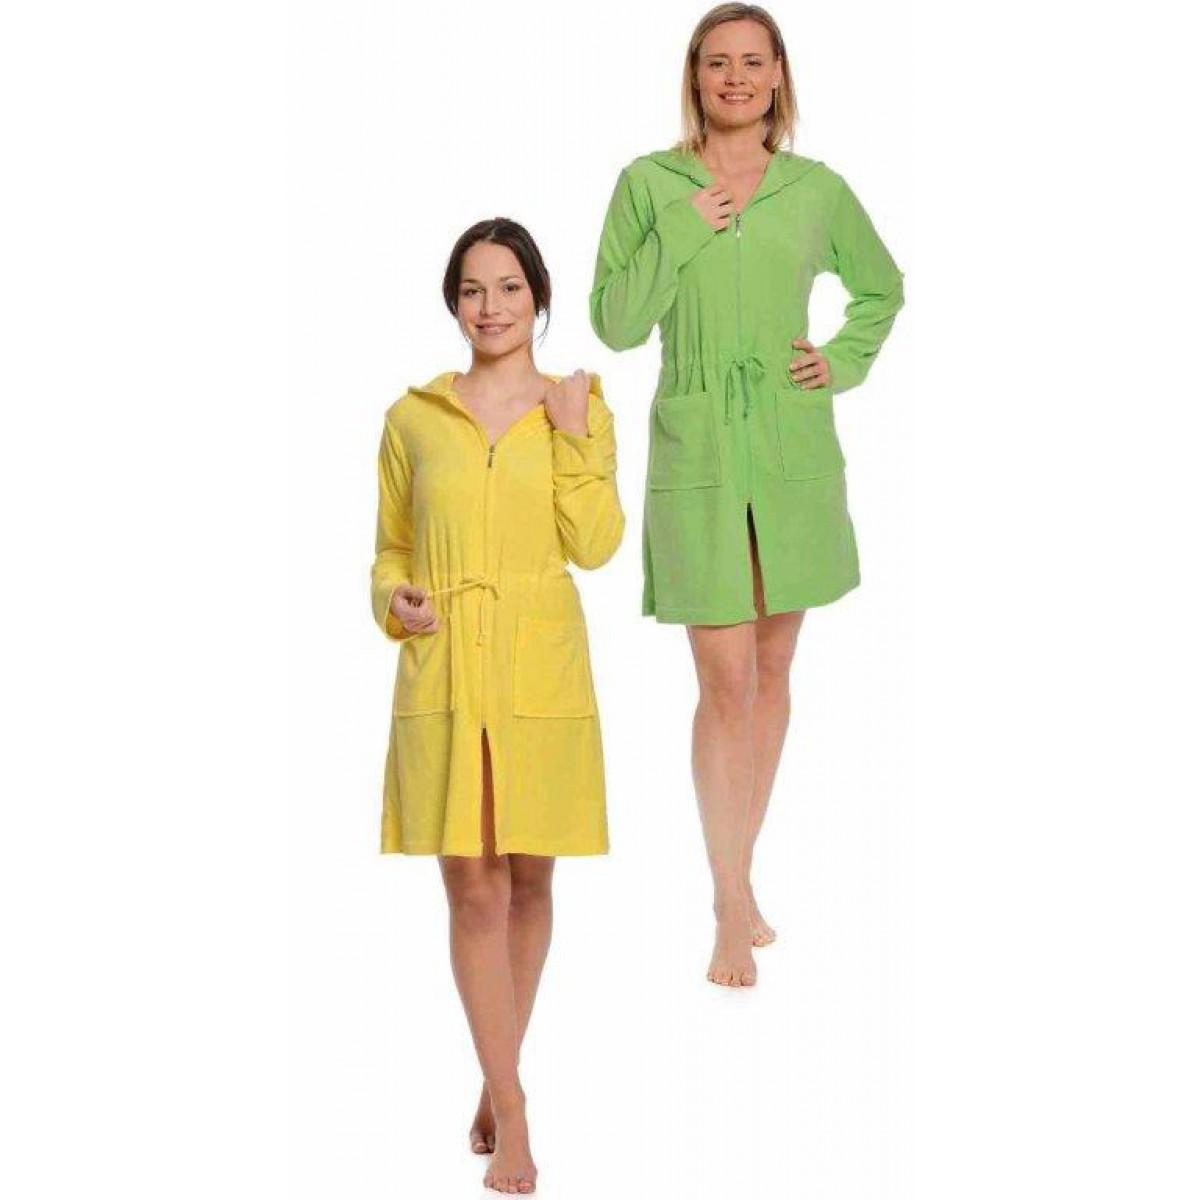 Dames badjas met capuchon kopen bij badjas.nl   snelle levering